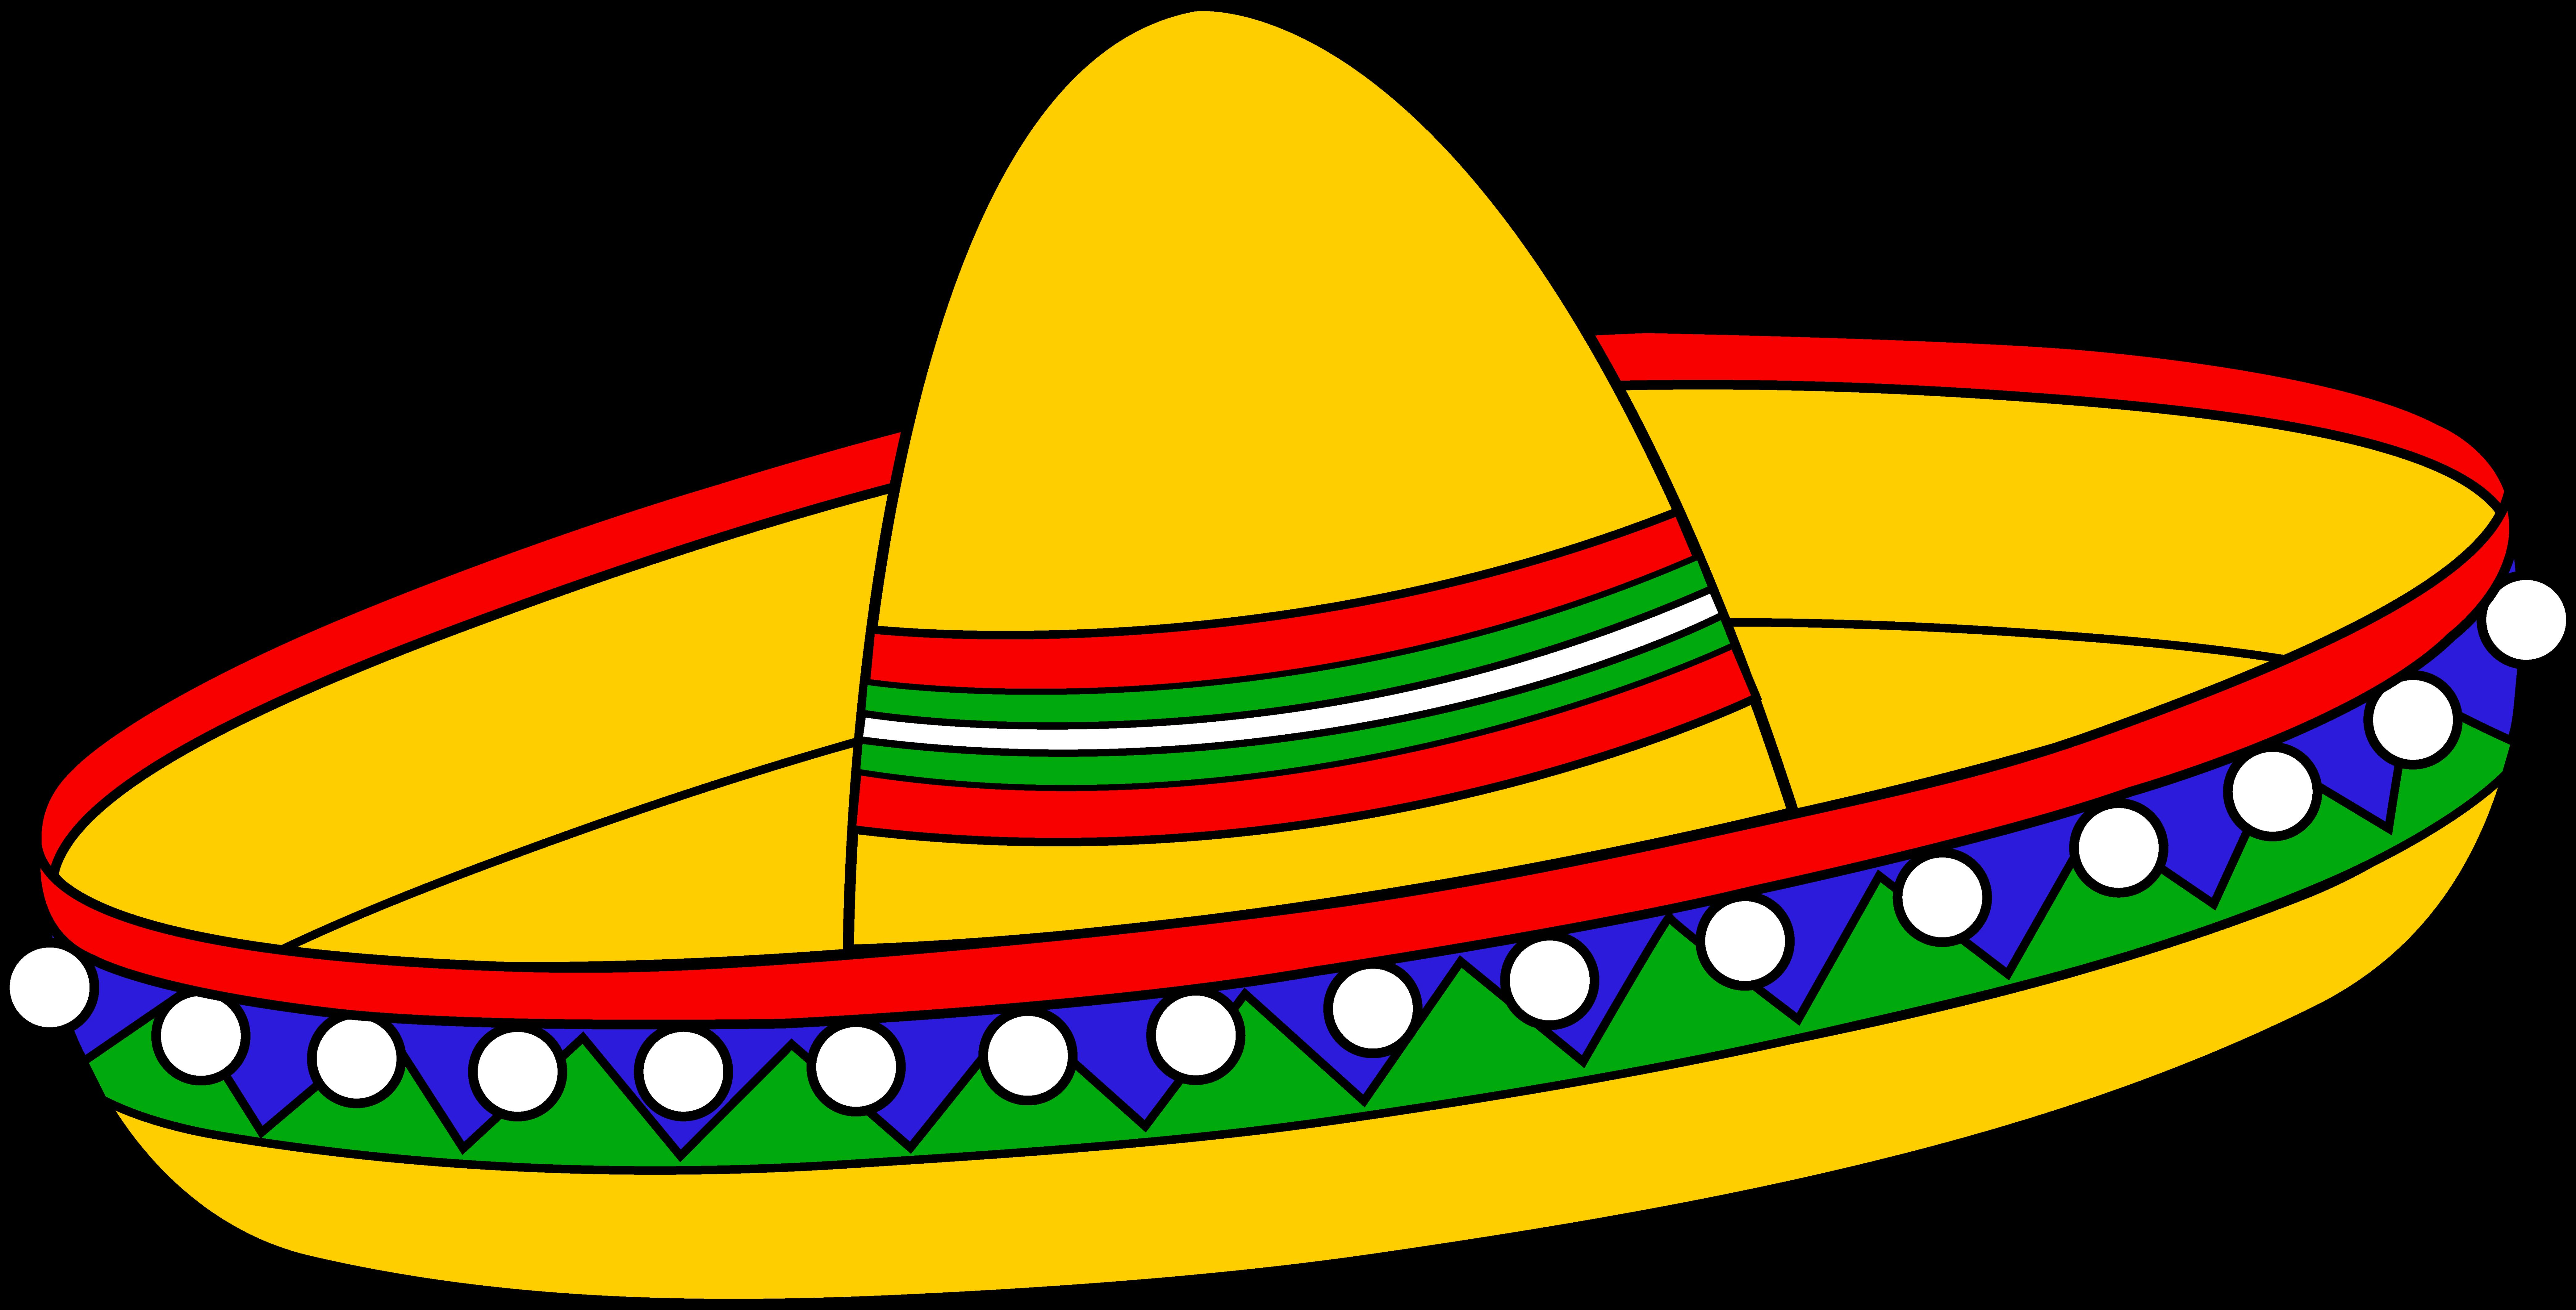 sombrero png hd transparent sombrero hdpng images pluspng